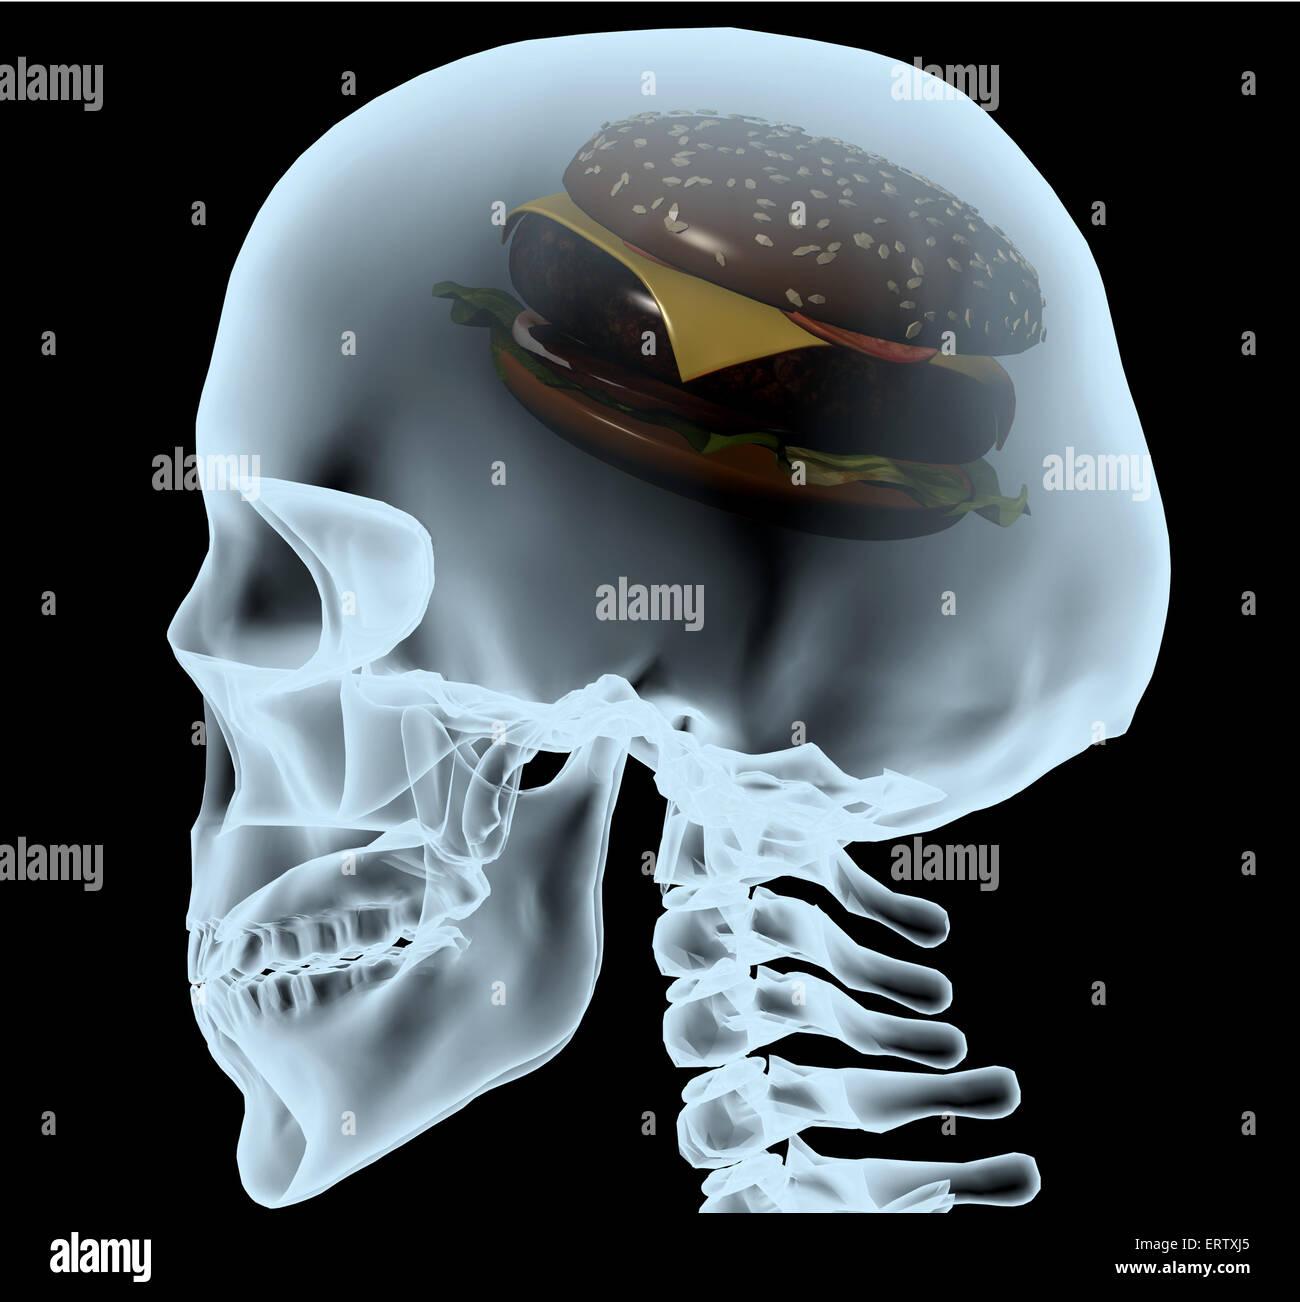 Radiografía de una cabeza con la hamburguesa en lugar del cerebro, ilustración 3d Imagen De Stock